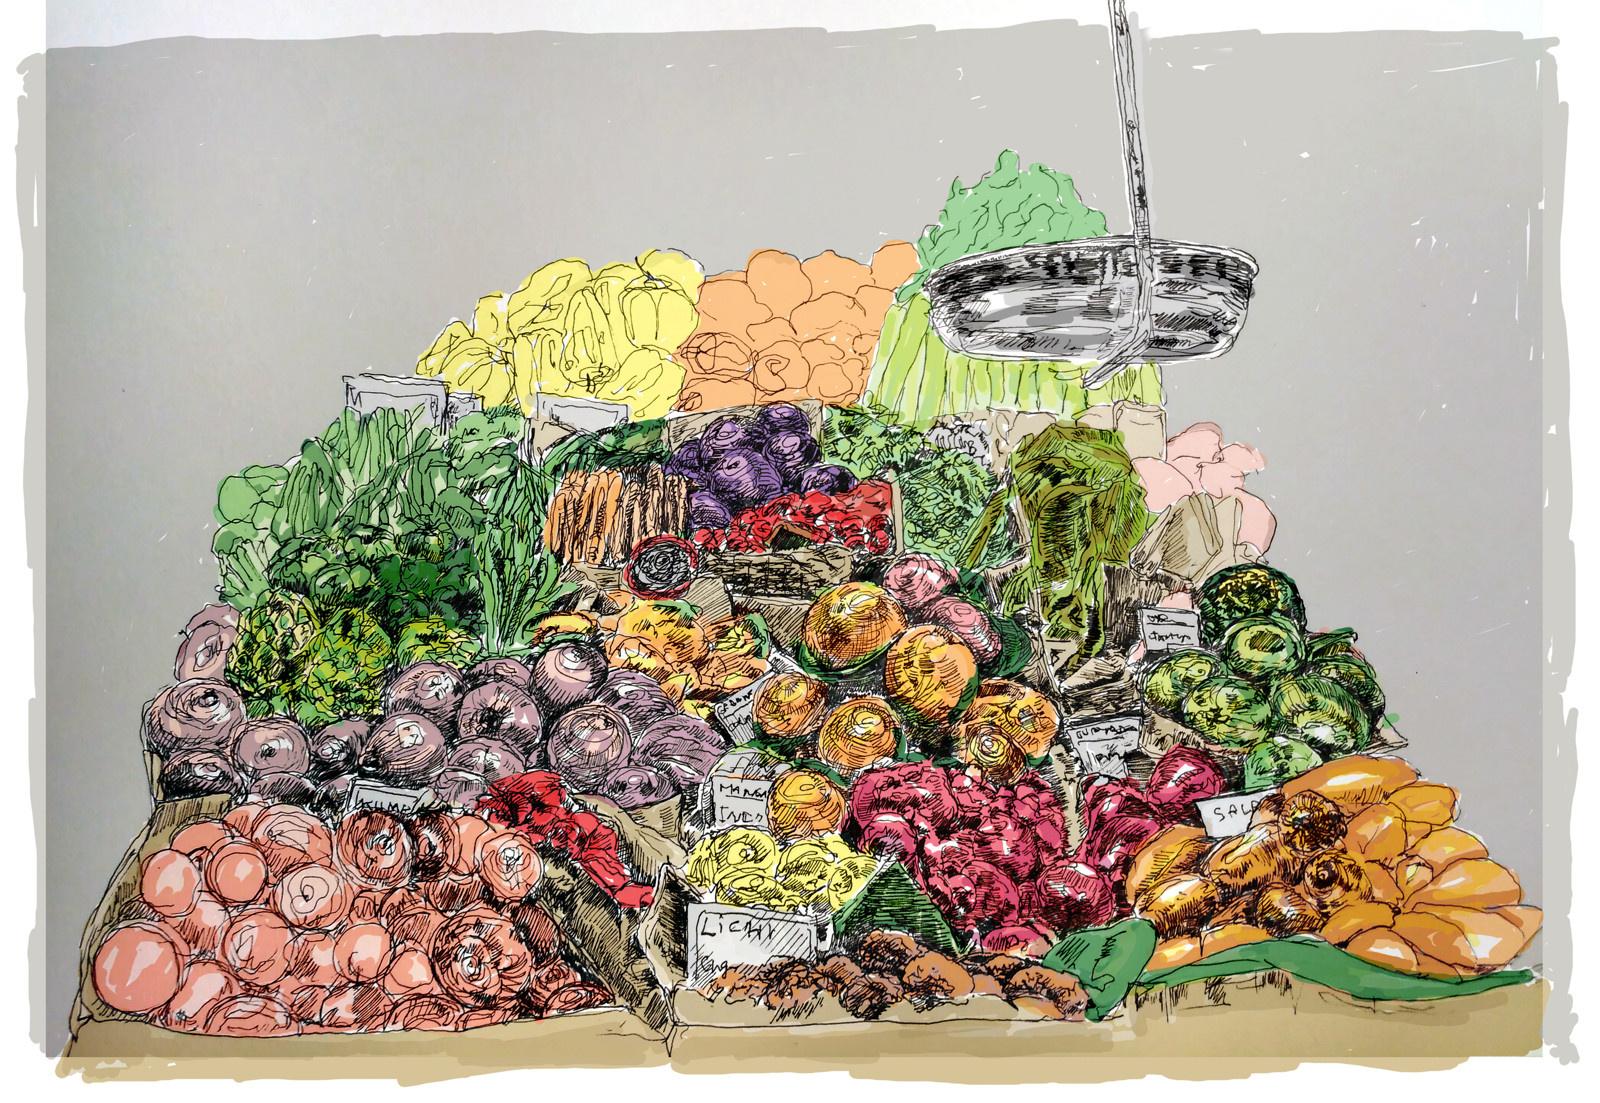 Barevne Ovoce Zelenina Pc Kresba Zbozi Prodejce Lucstokl Fler Cz